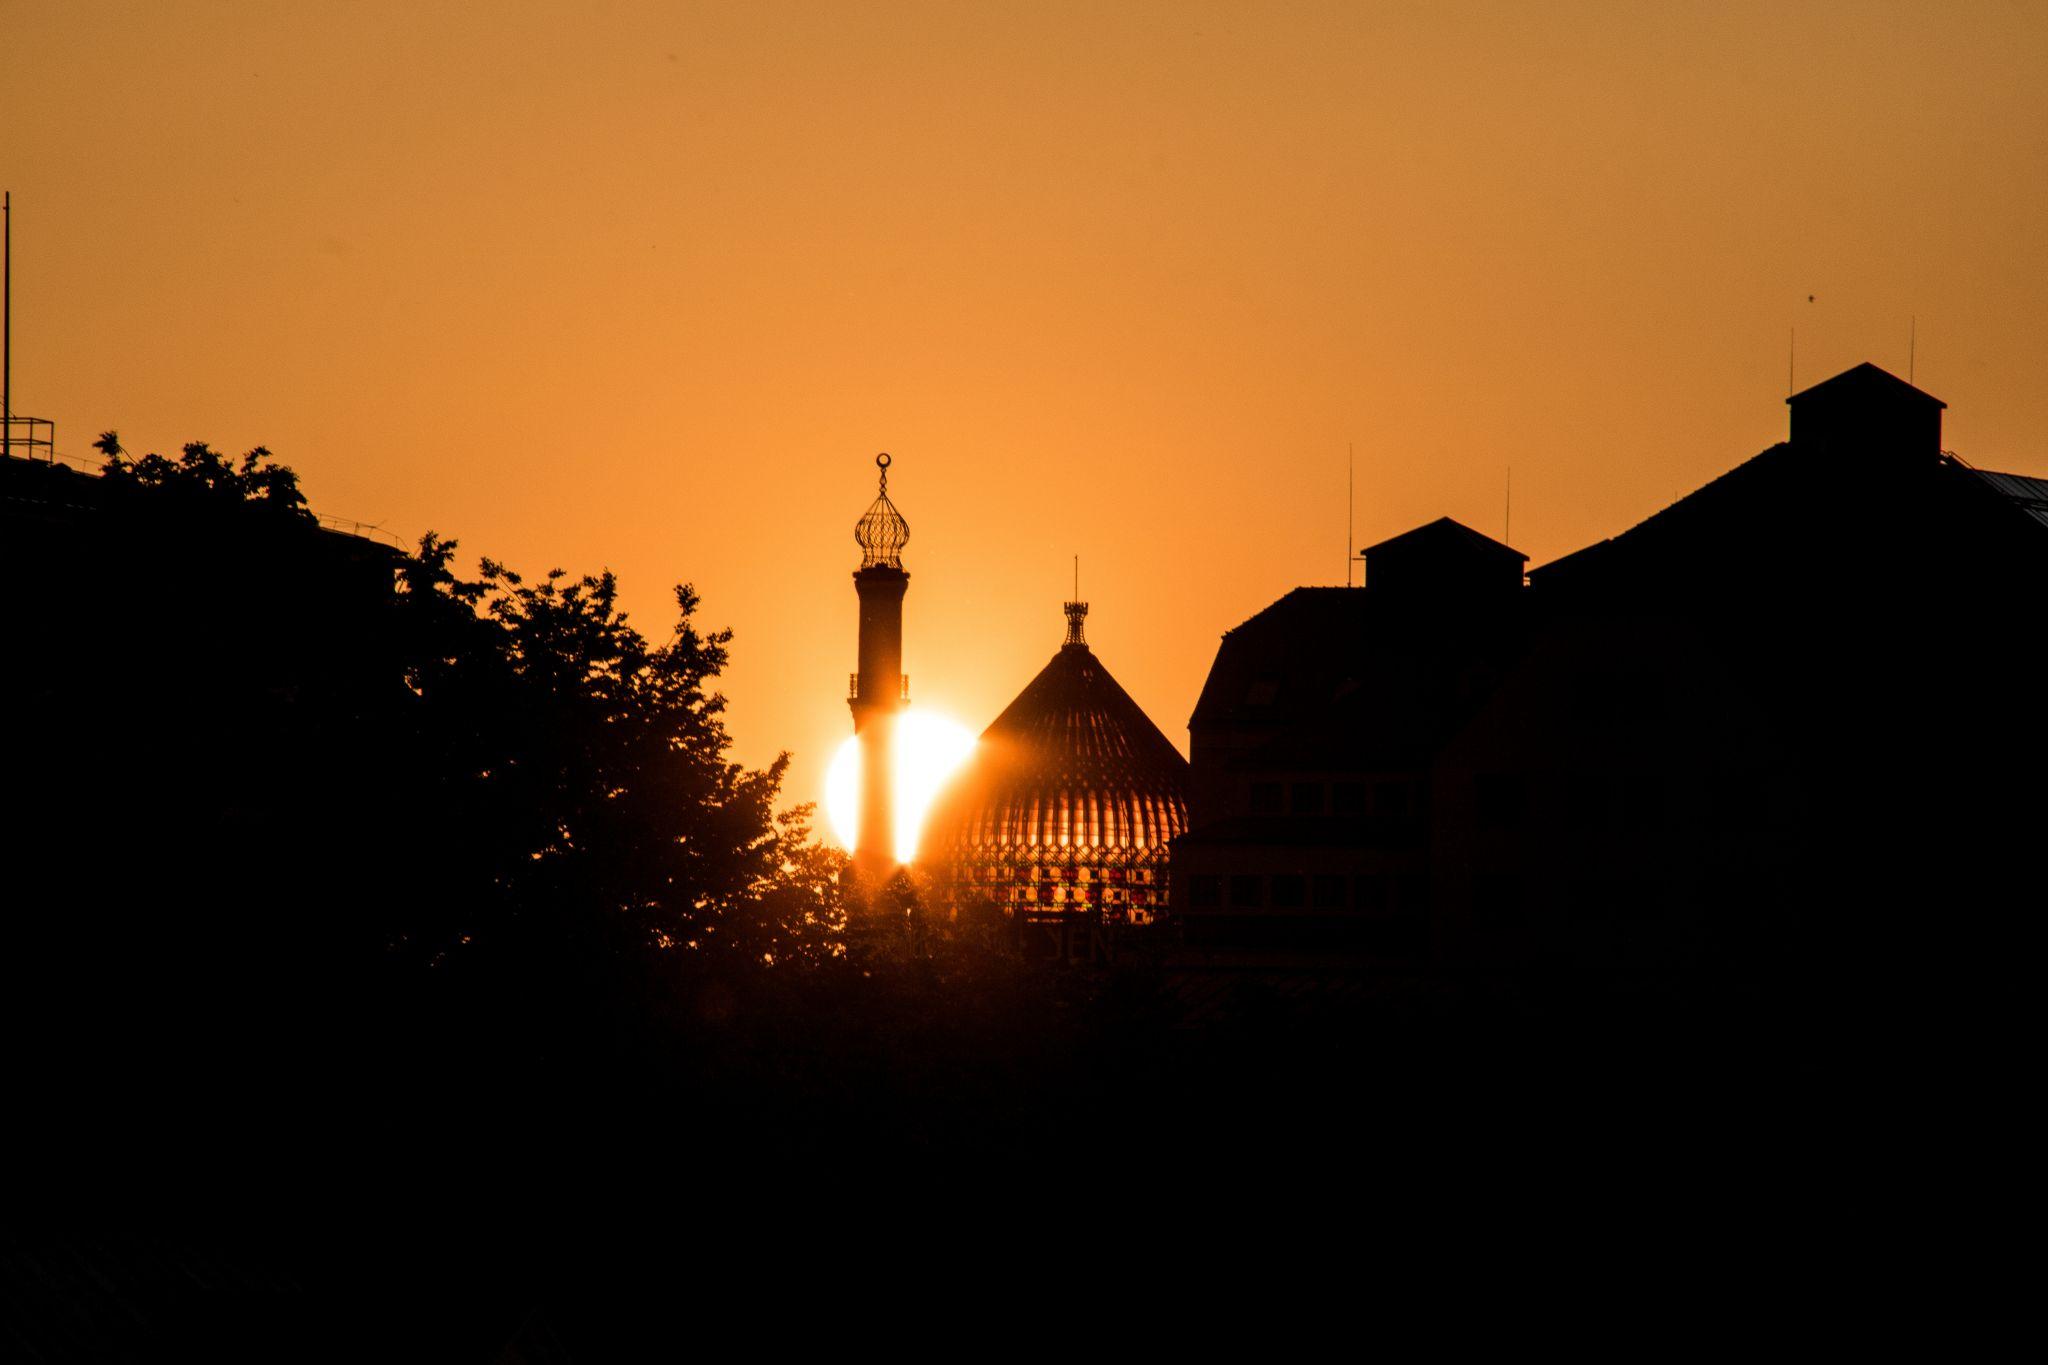 Blick auf Yenidze, Germany